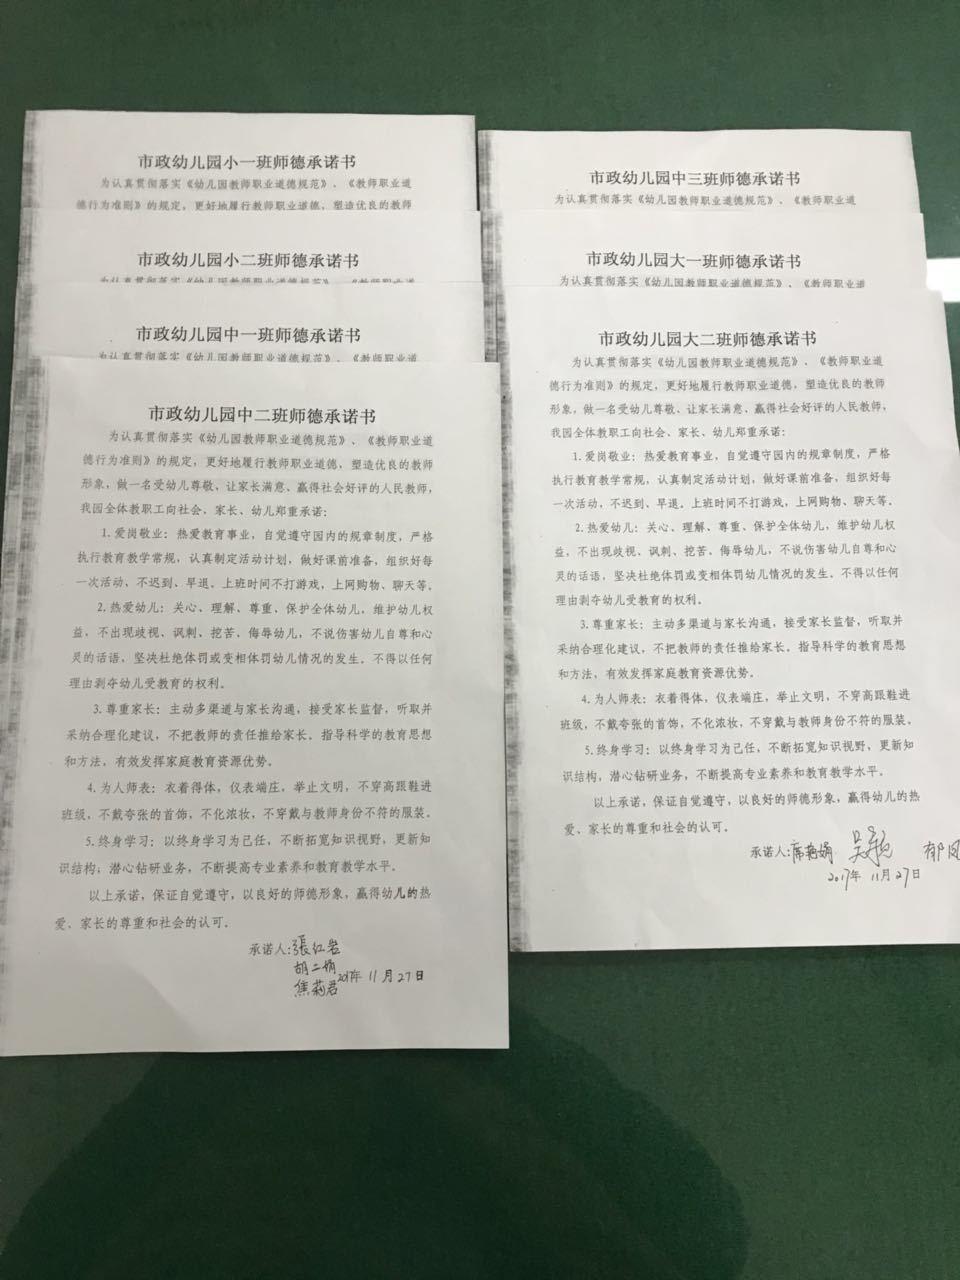 """幼儿师德承诺书_拒绝虐童 郑州这家幼儿园教师集体签名""""师德承诺书"""""""